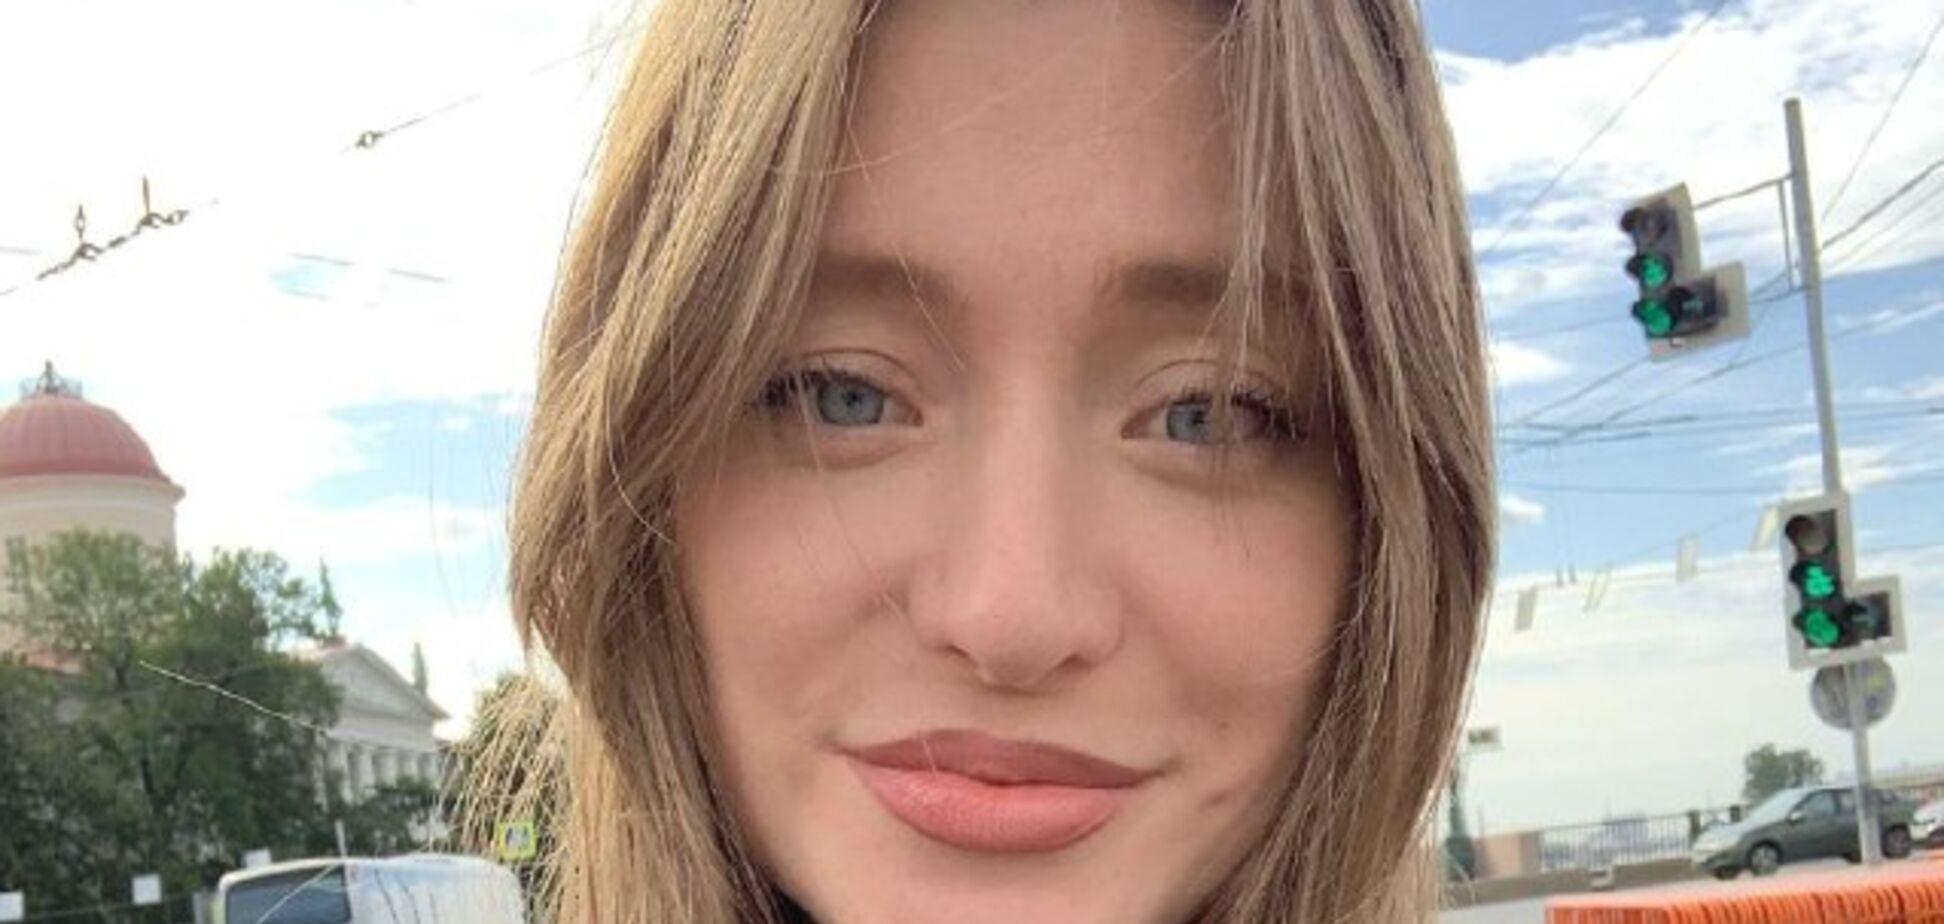 Рост 184, вес 58: как выглядит популярная в России модель Маша Миногарова